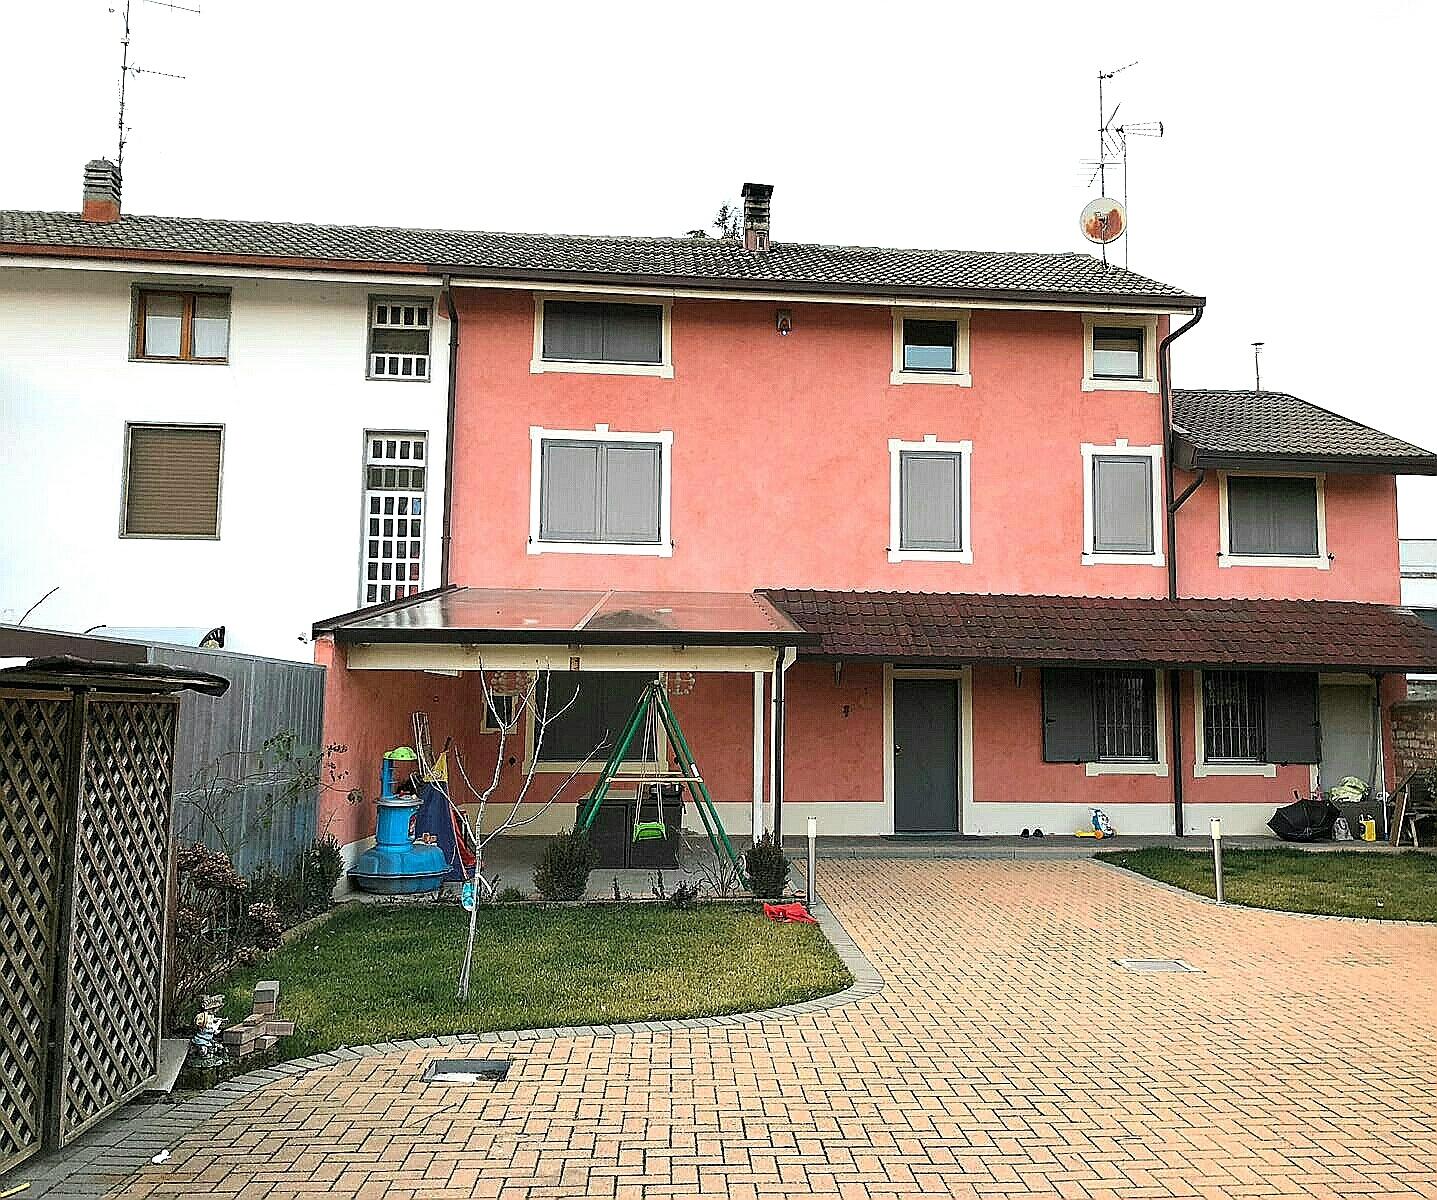 Soluzione Semindipendente in vendita a Morano sul Po, 5 locali, prezzo € 185.000 | CambioCasa.it